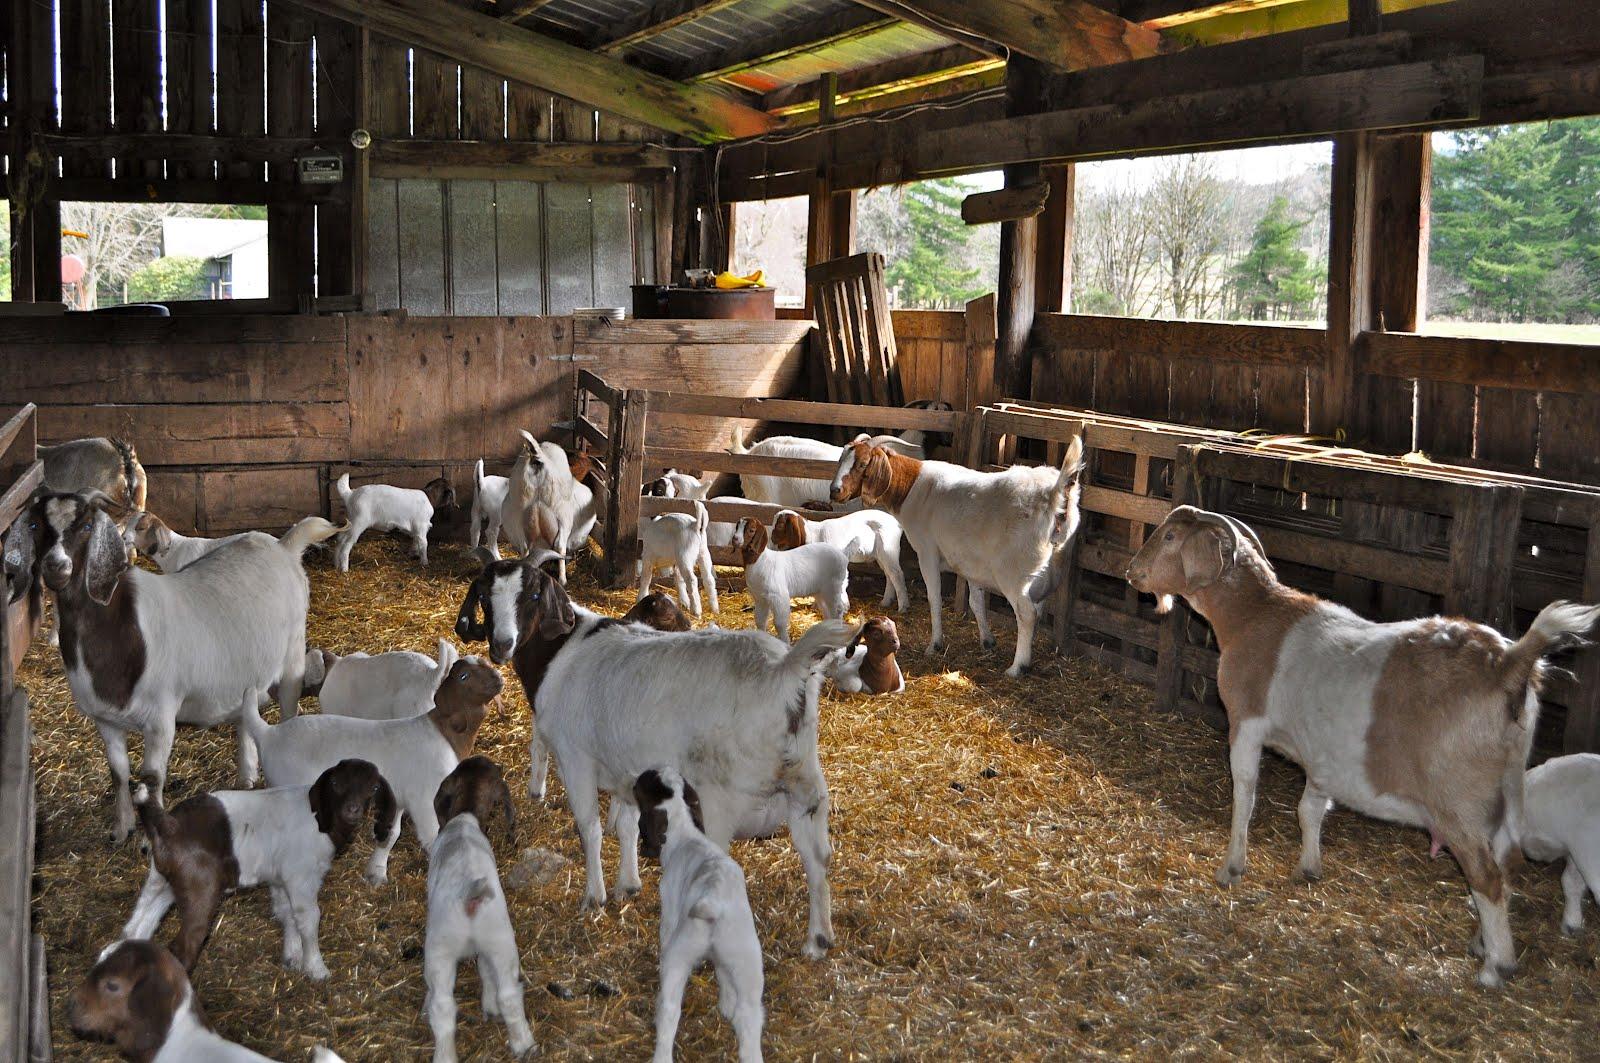 smeštaj za koze koze i jarici